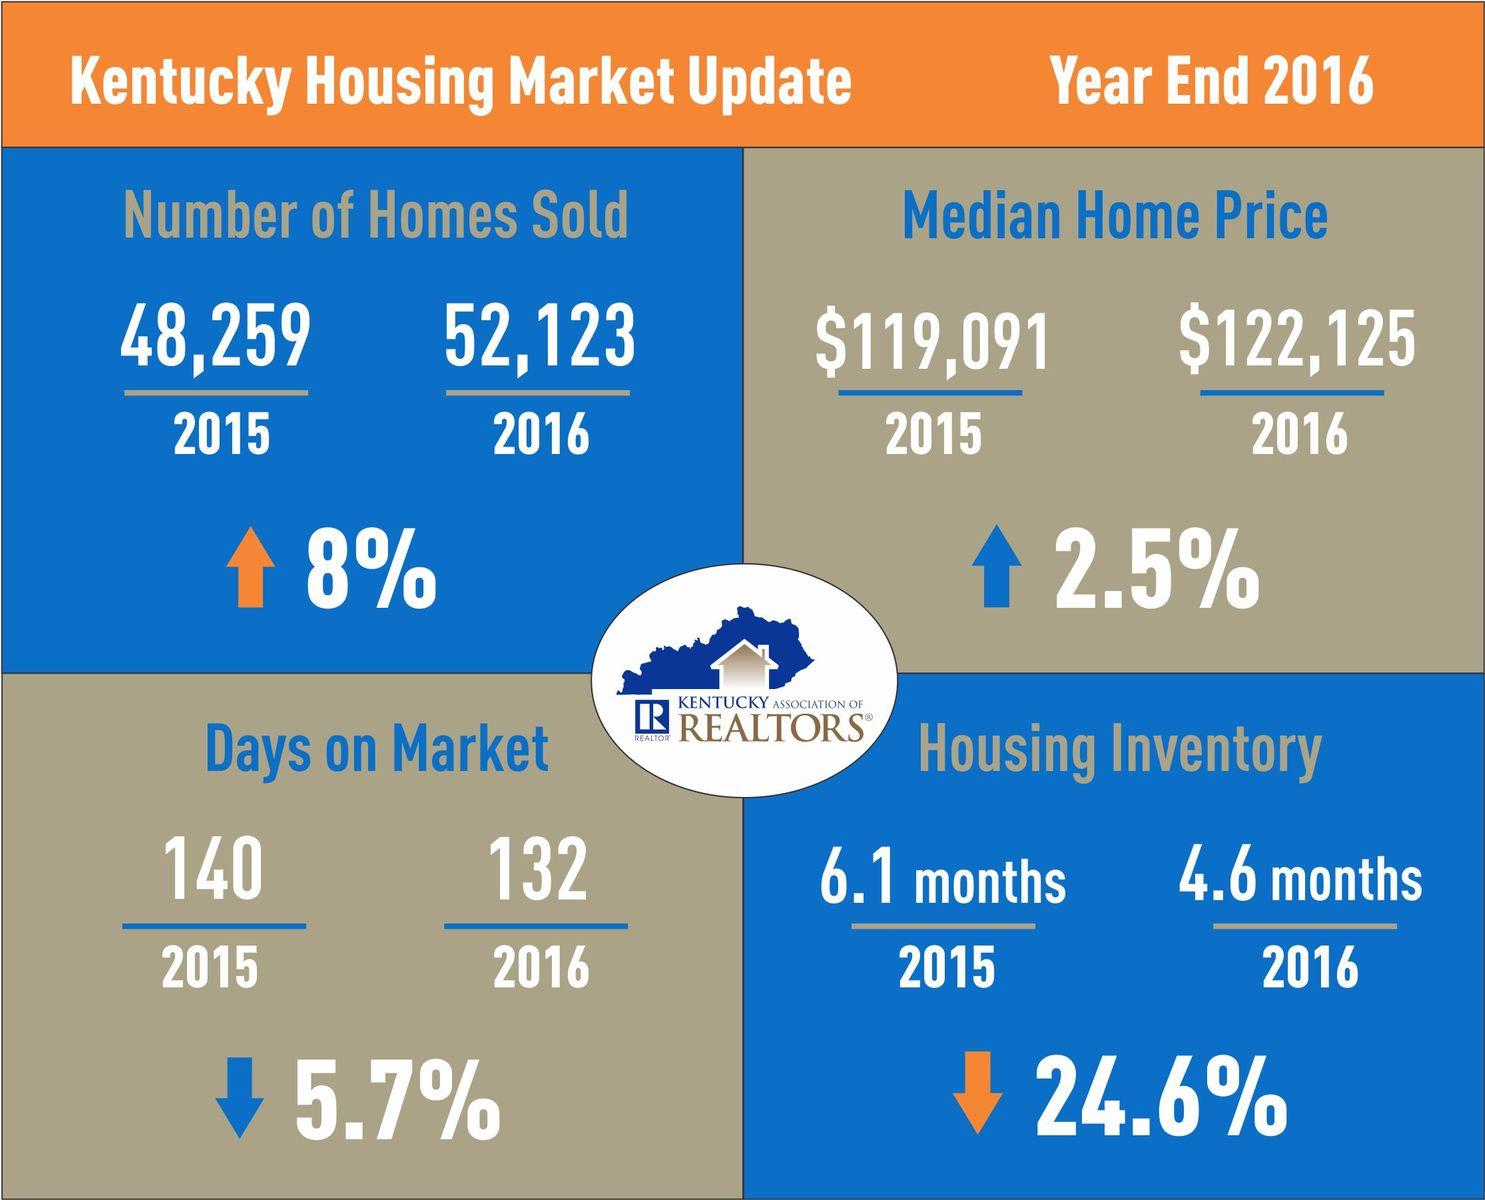 Kentucky Housing Market Update 2016